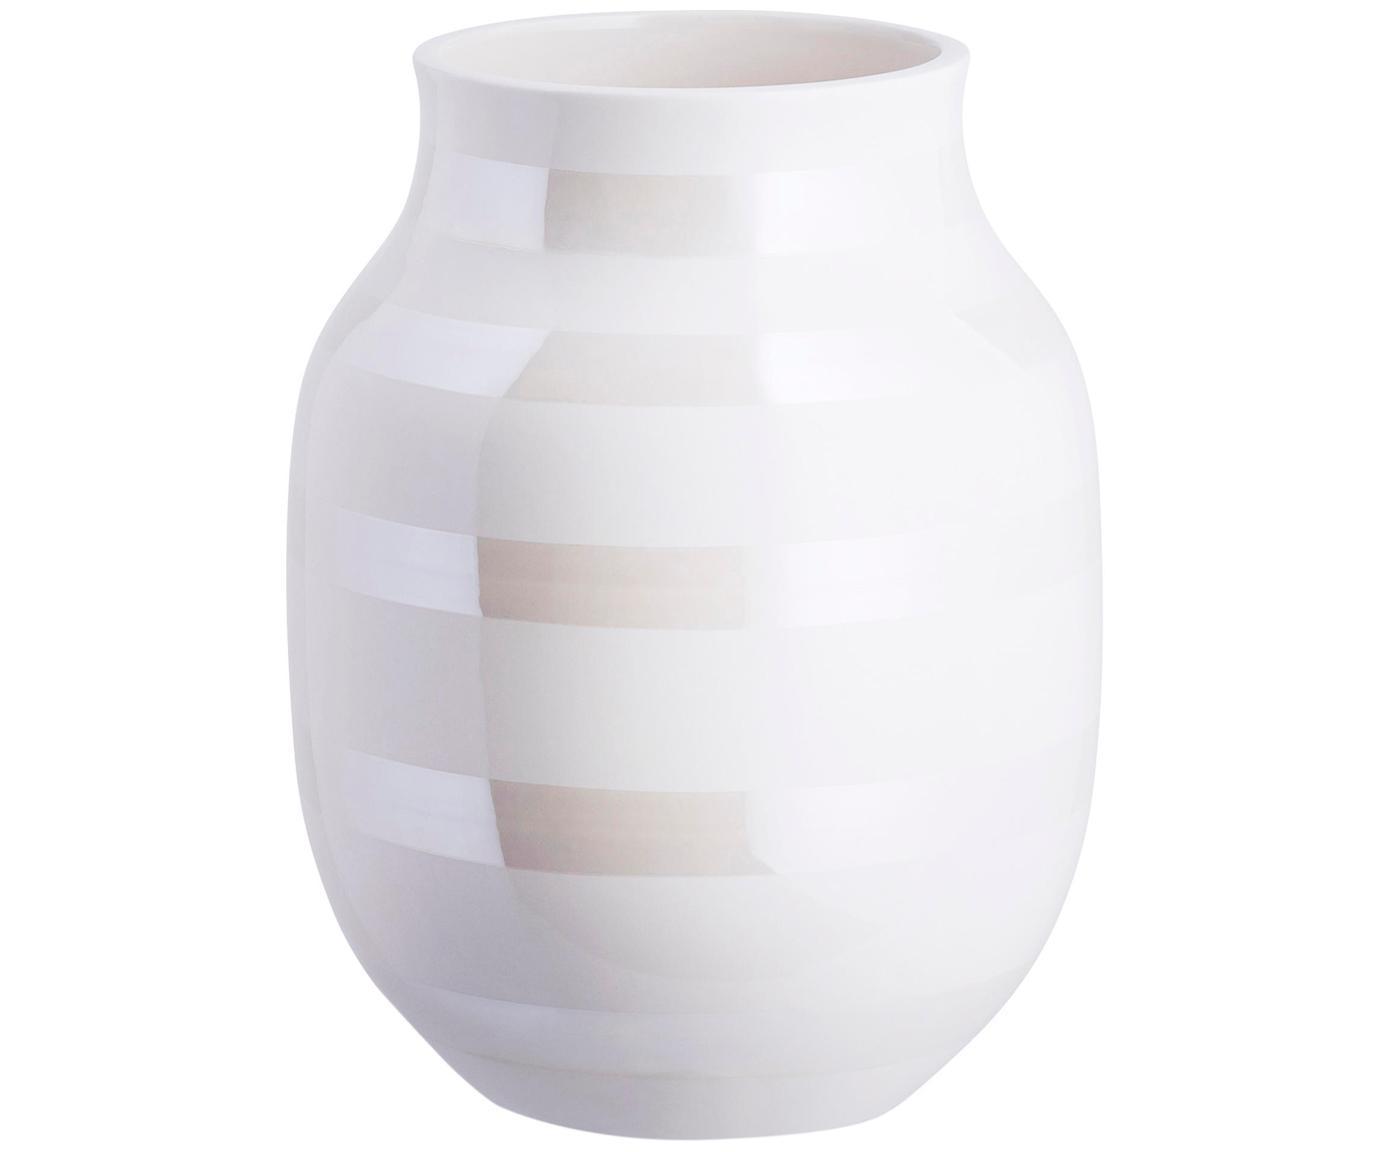 Handgefertigte Design-Vase Omaggio, medium, Keramik, Weiß, Perlmuttfarben, Ø 17 x H 20 cm